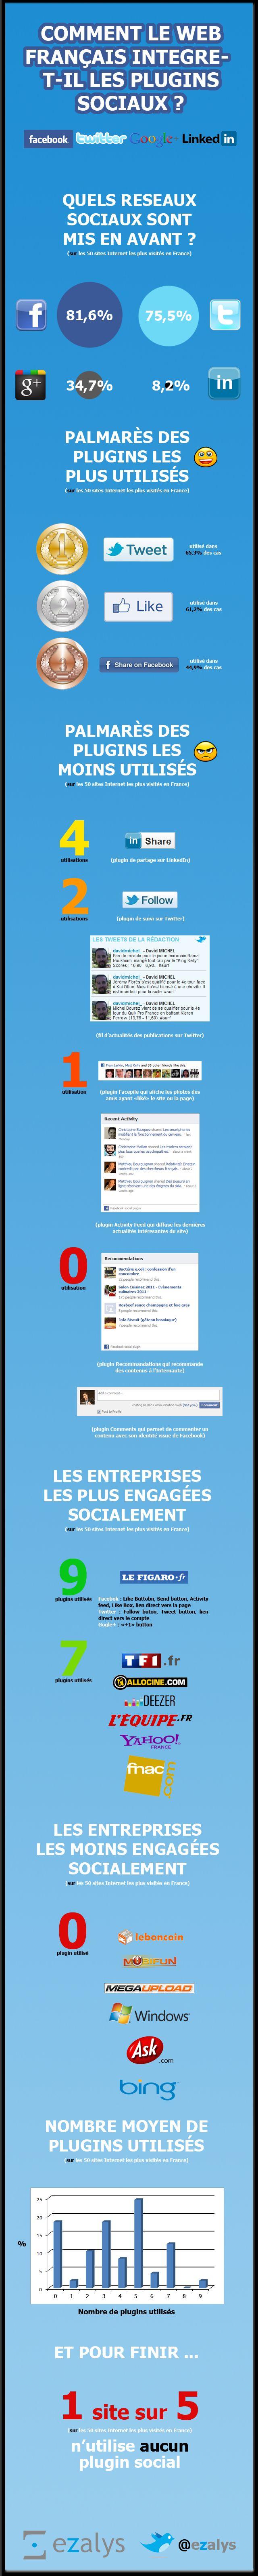 Usage des plugins sociaux dans le Web français #SocialMedia [infographie]